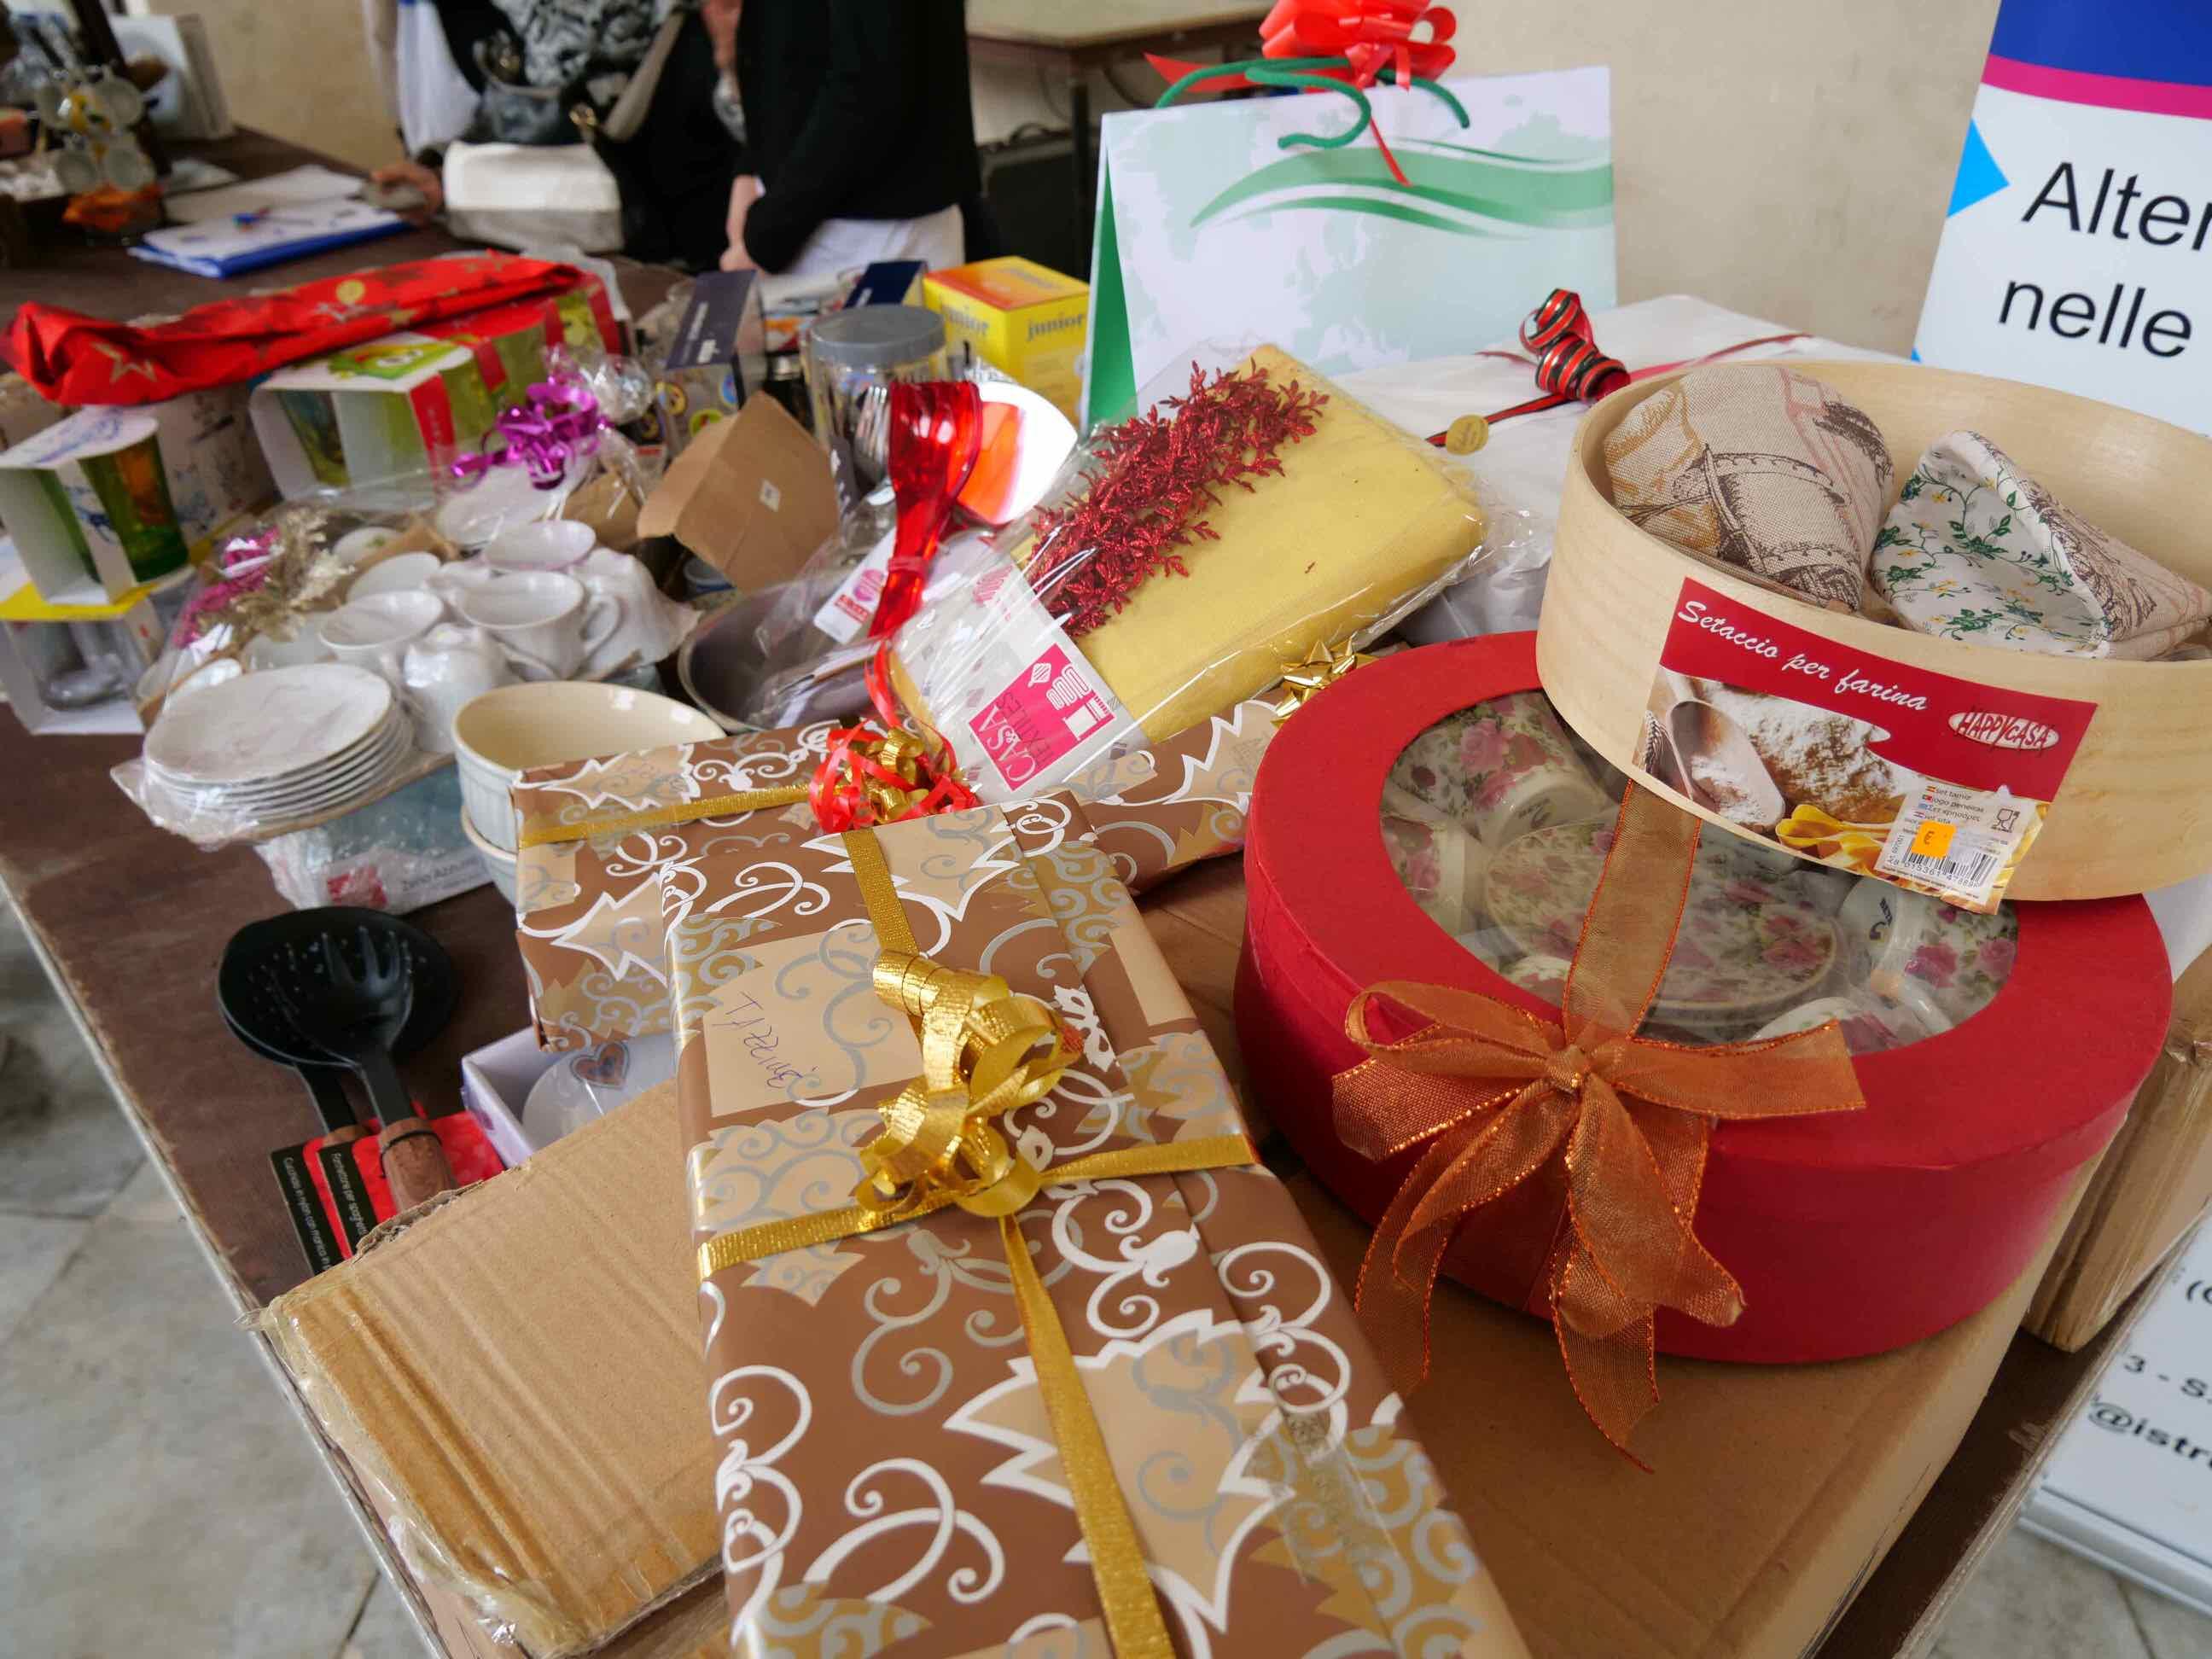 Torneo di pesto al mortaio e aperitivo di beneficienza a cura della Scuola Alberghiera di Lavagna - 13